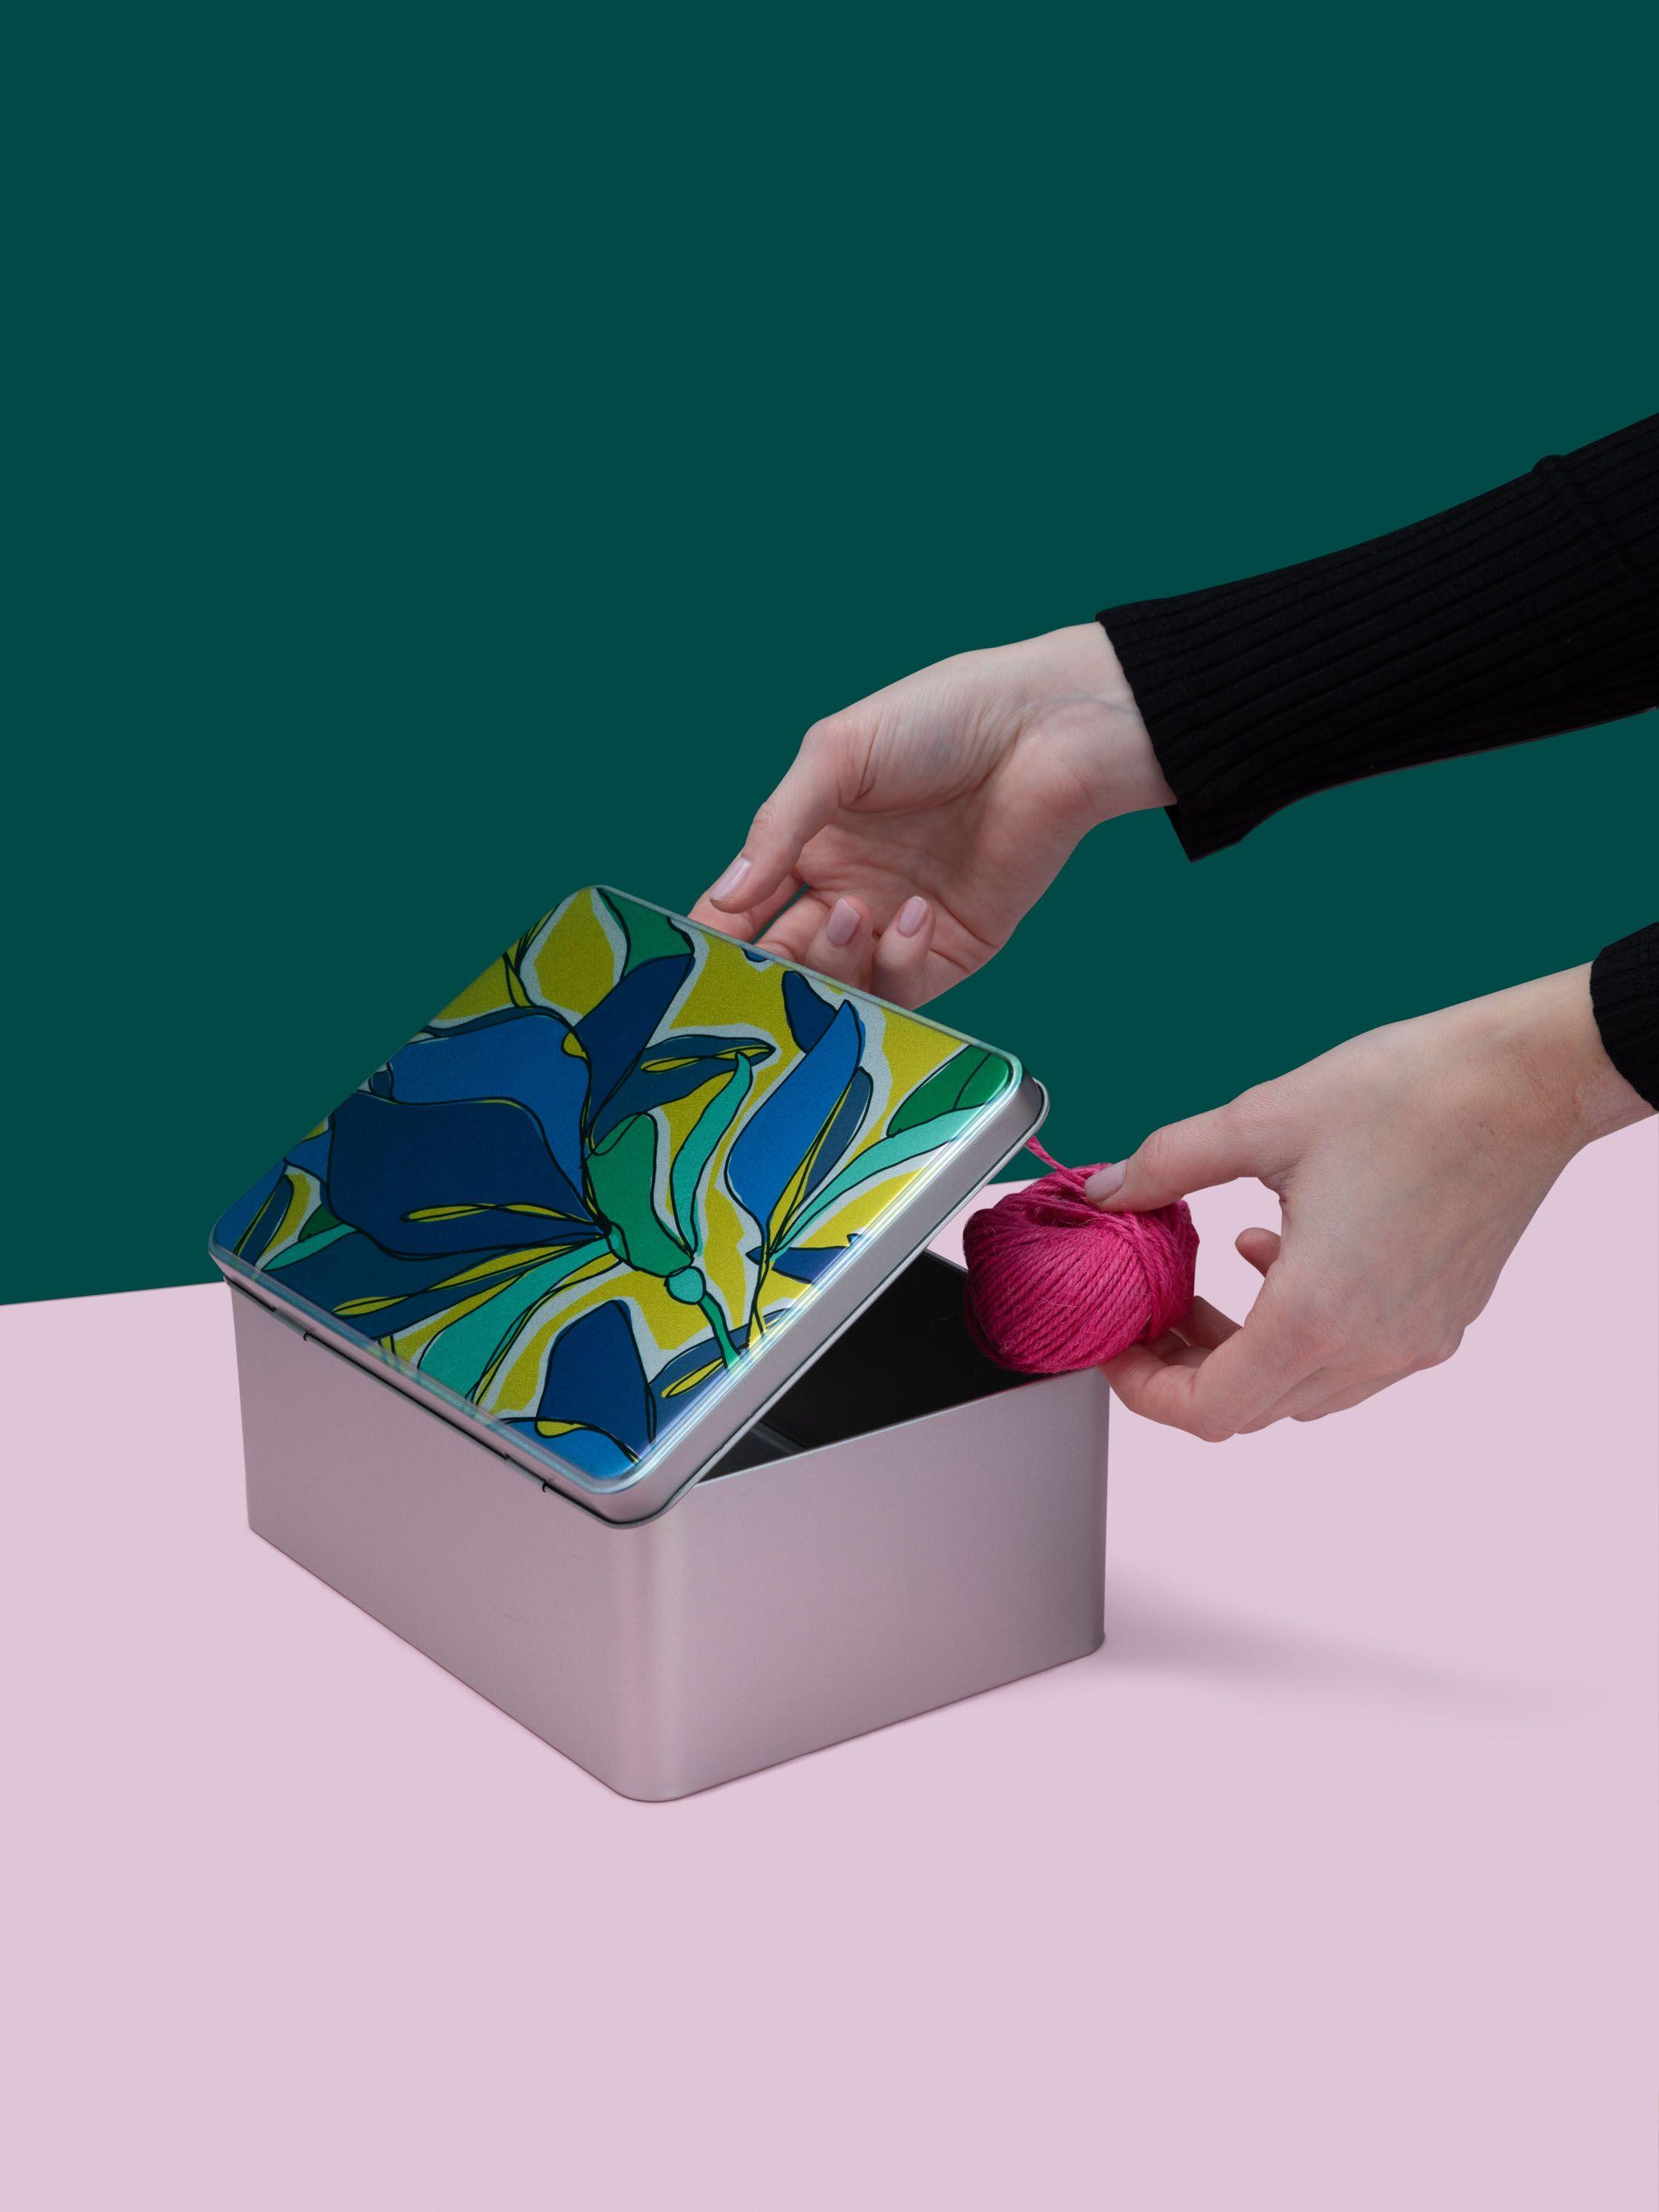 裁縫用具入れ メタルボックス